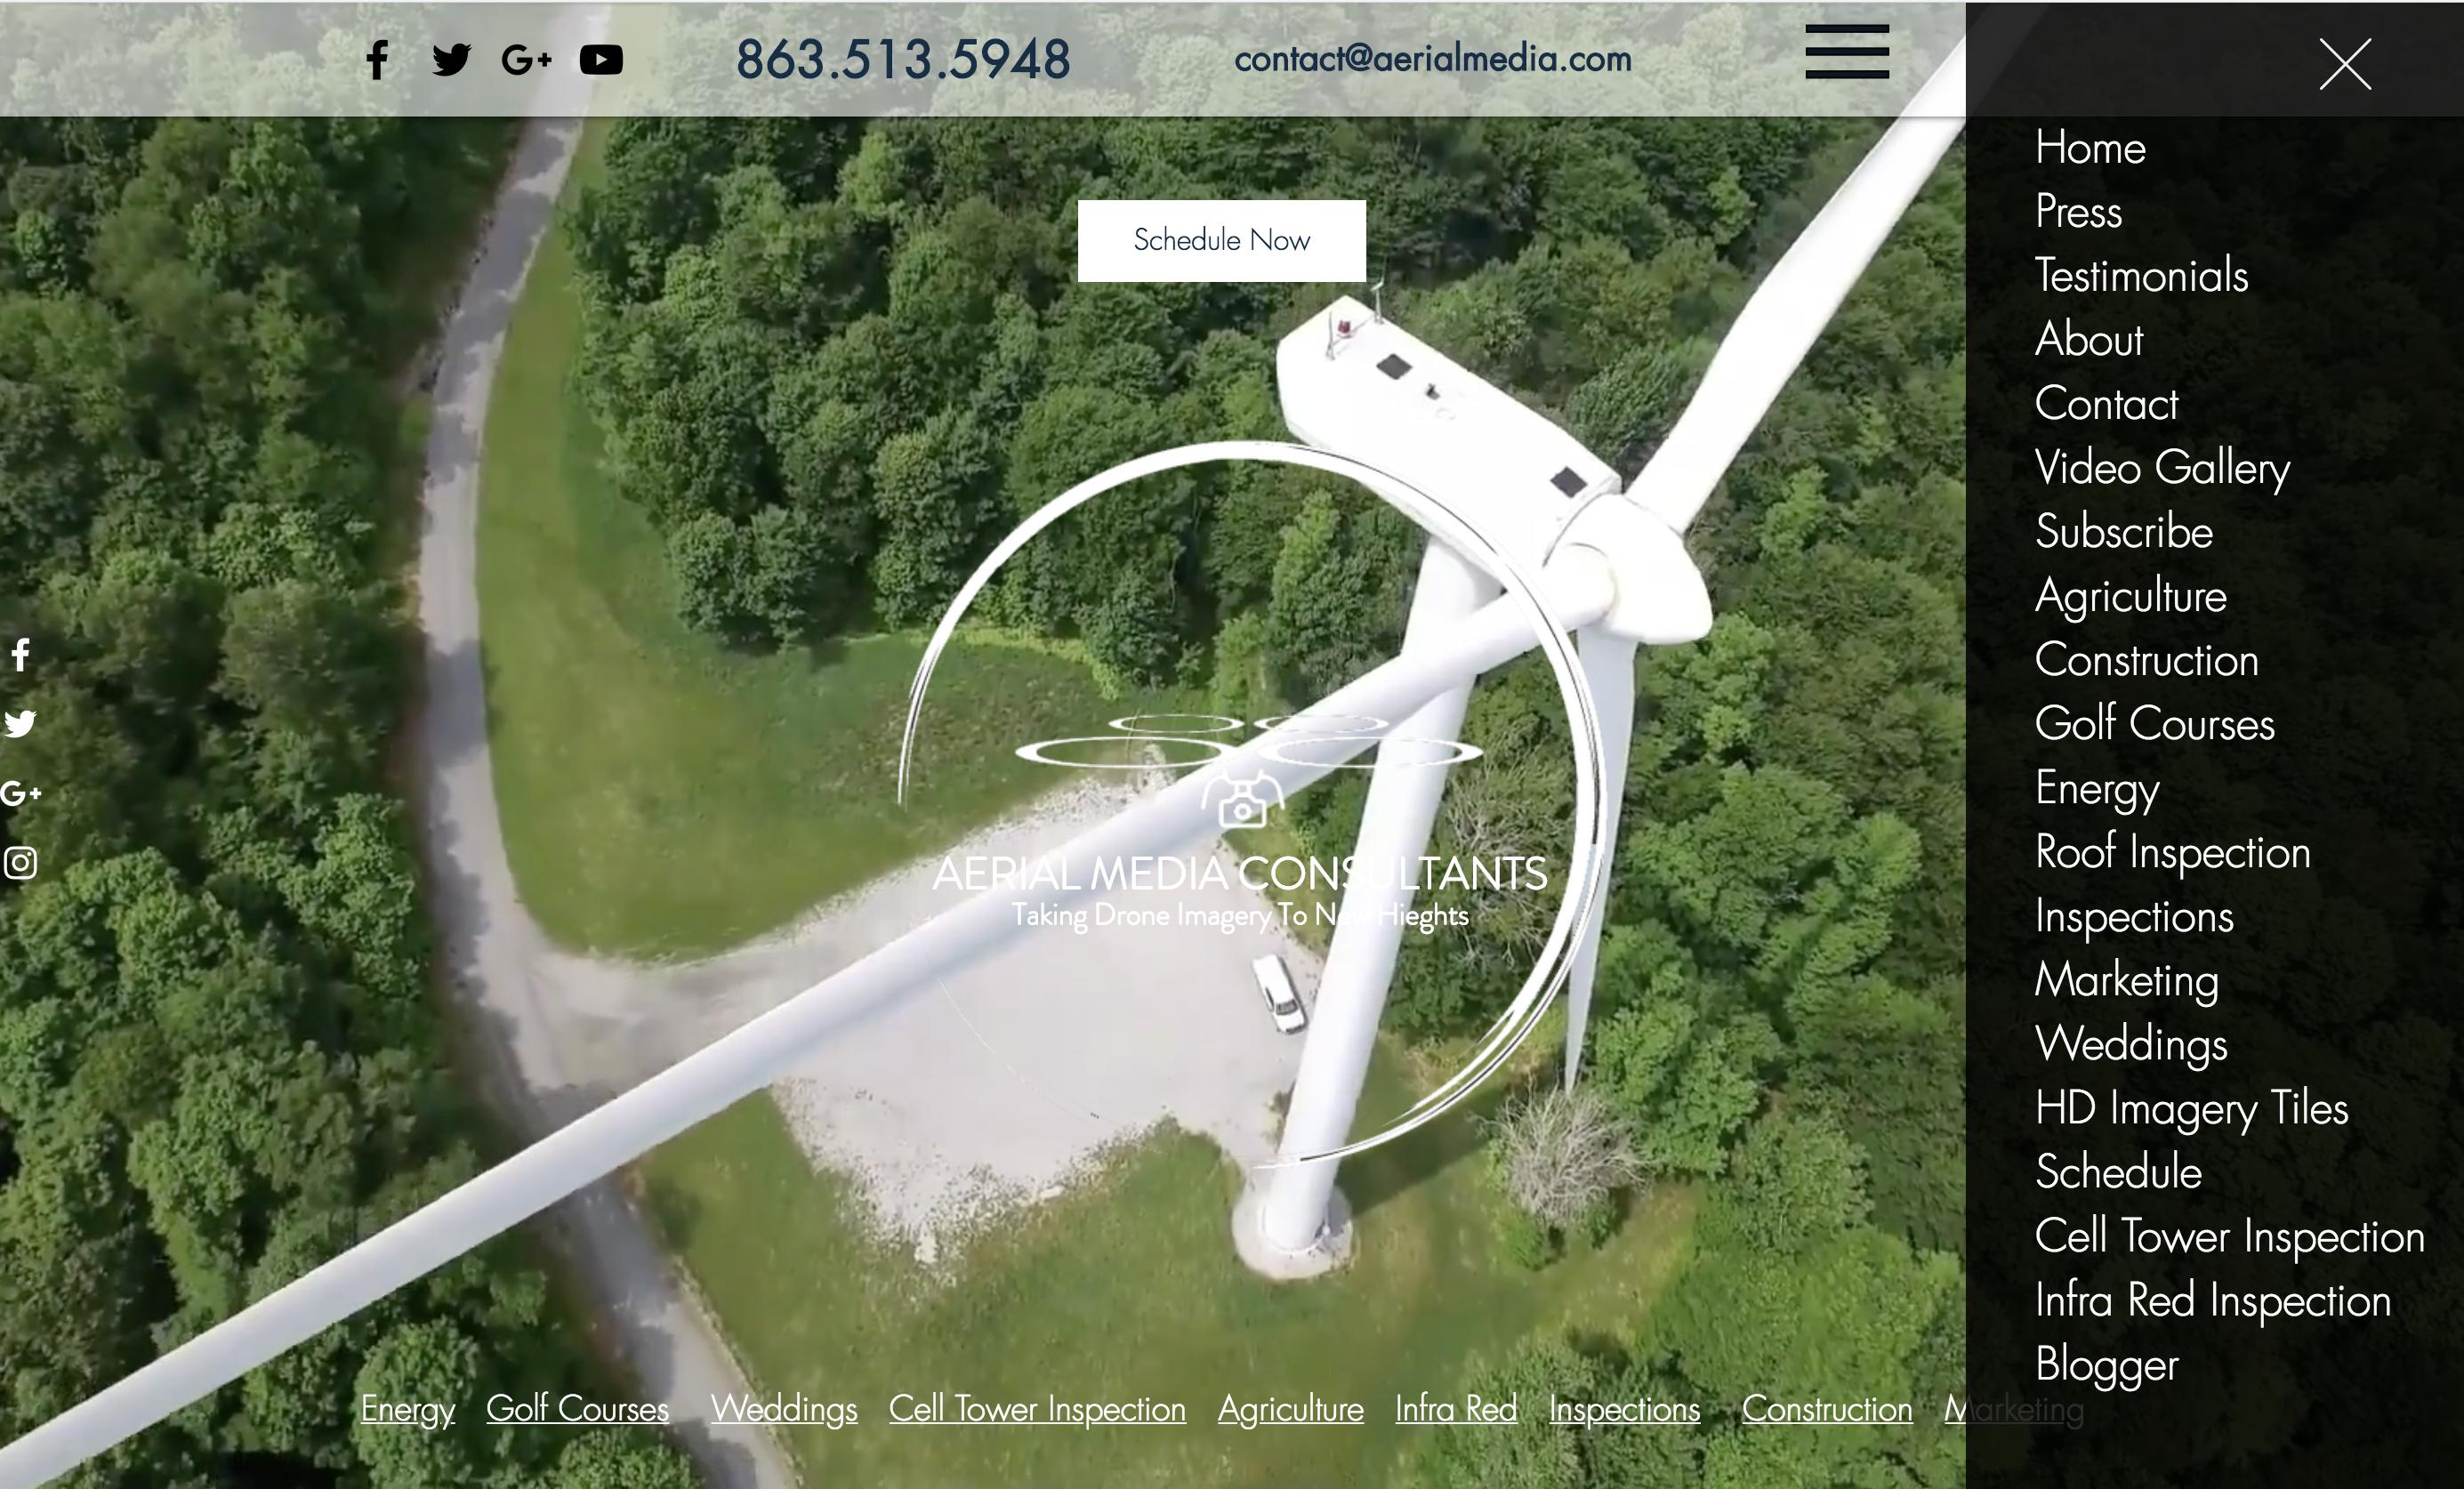 Aerial Media Consultants